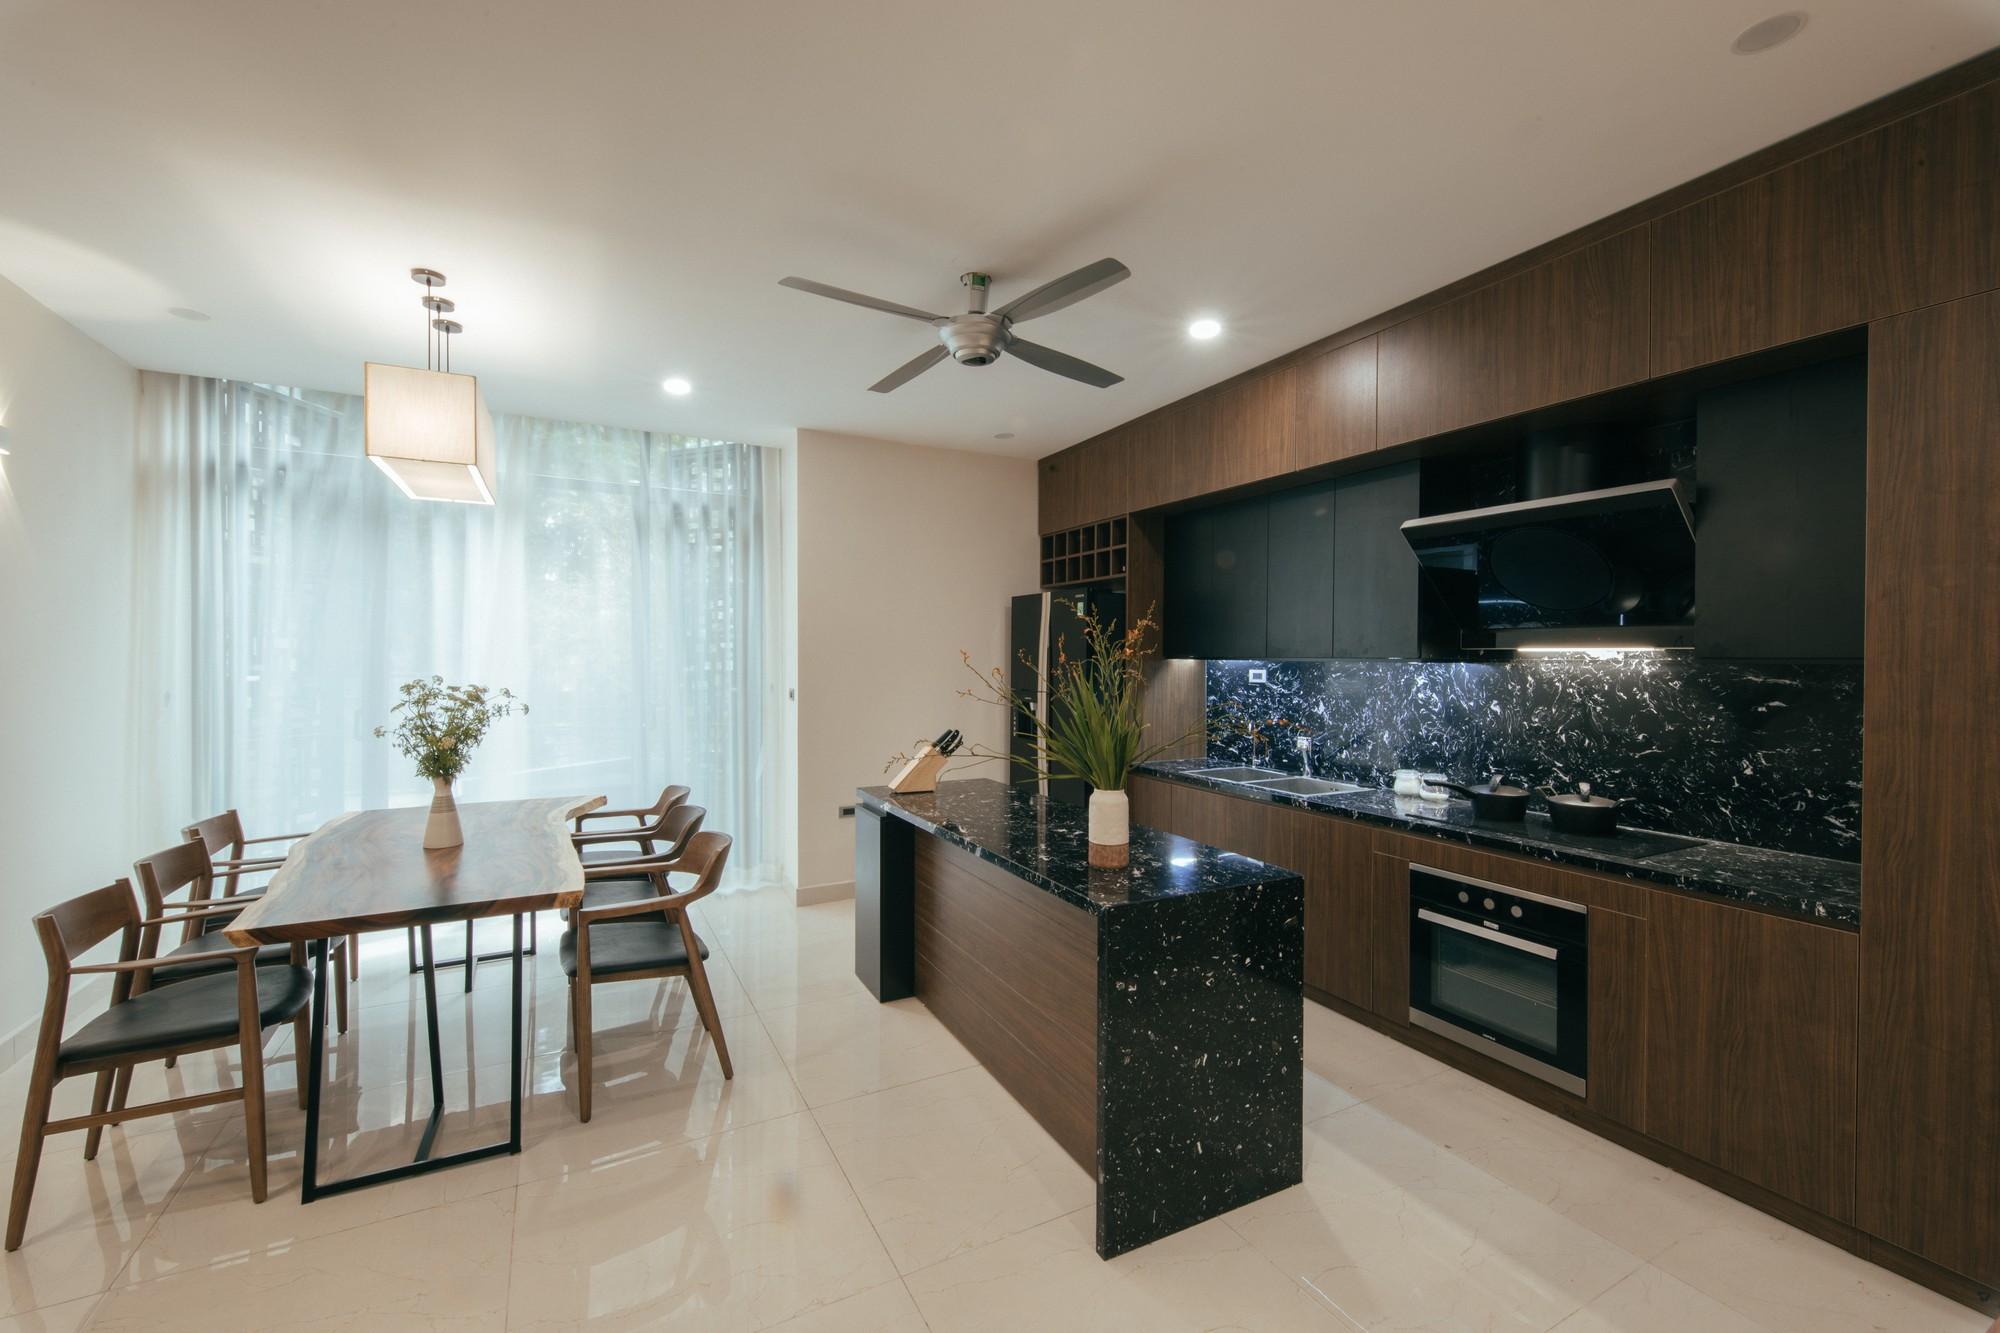 Chàng trai Hà Nội độc thân và ngôi nhà 83m² nhiều góc sân, khoảng trời lãng mạn khiến ai nhìn cũng muốn ở - Ảnh 4.